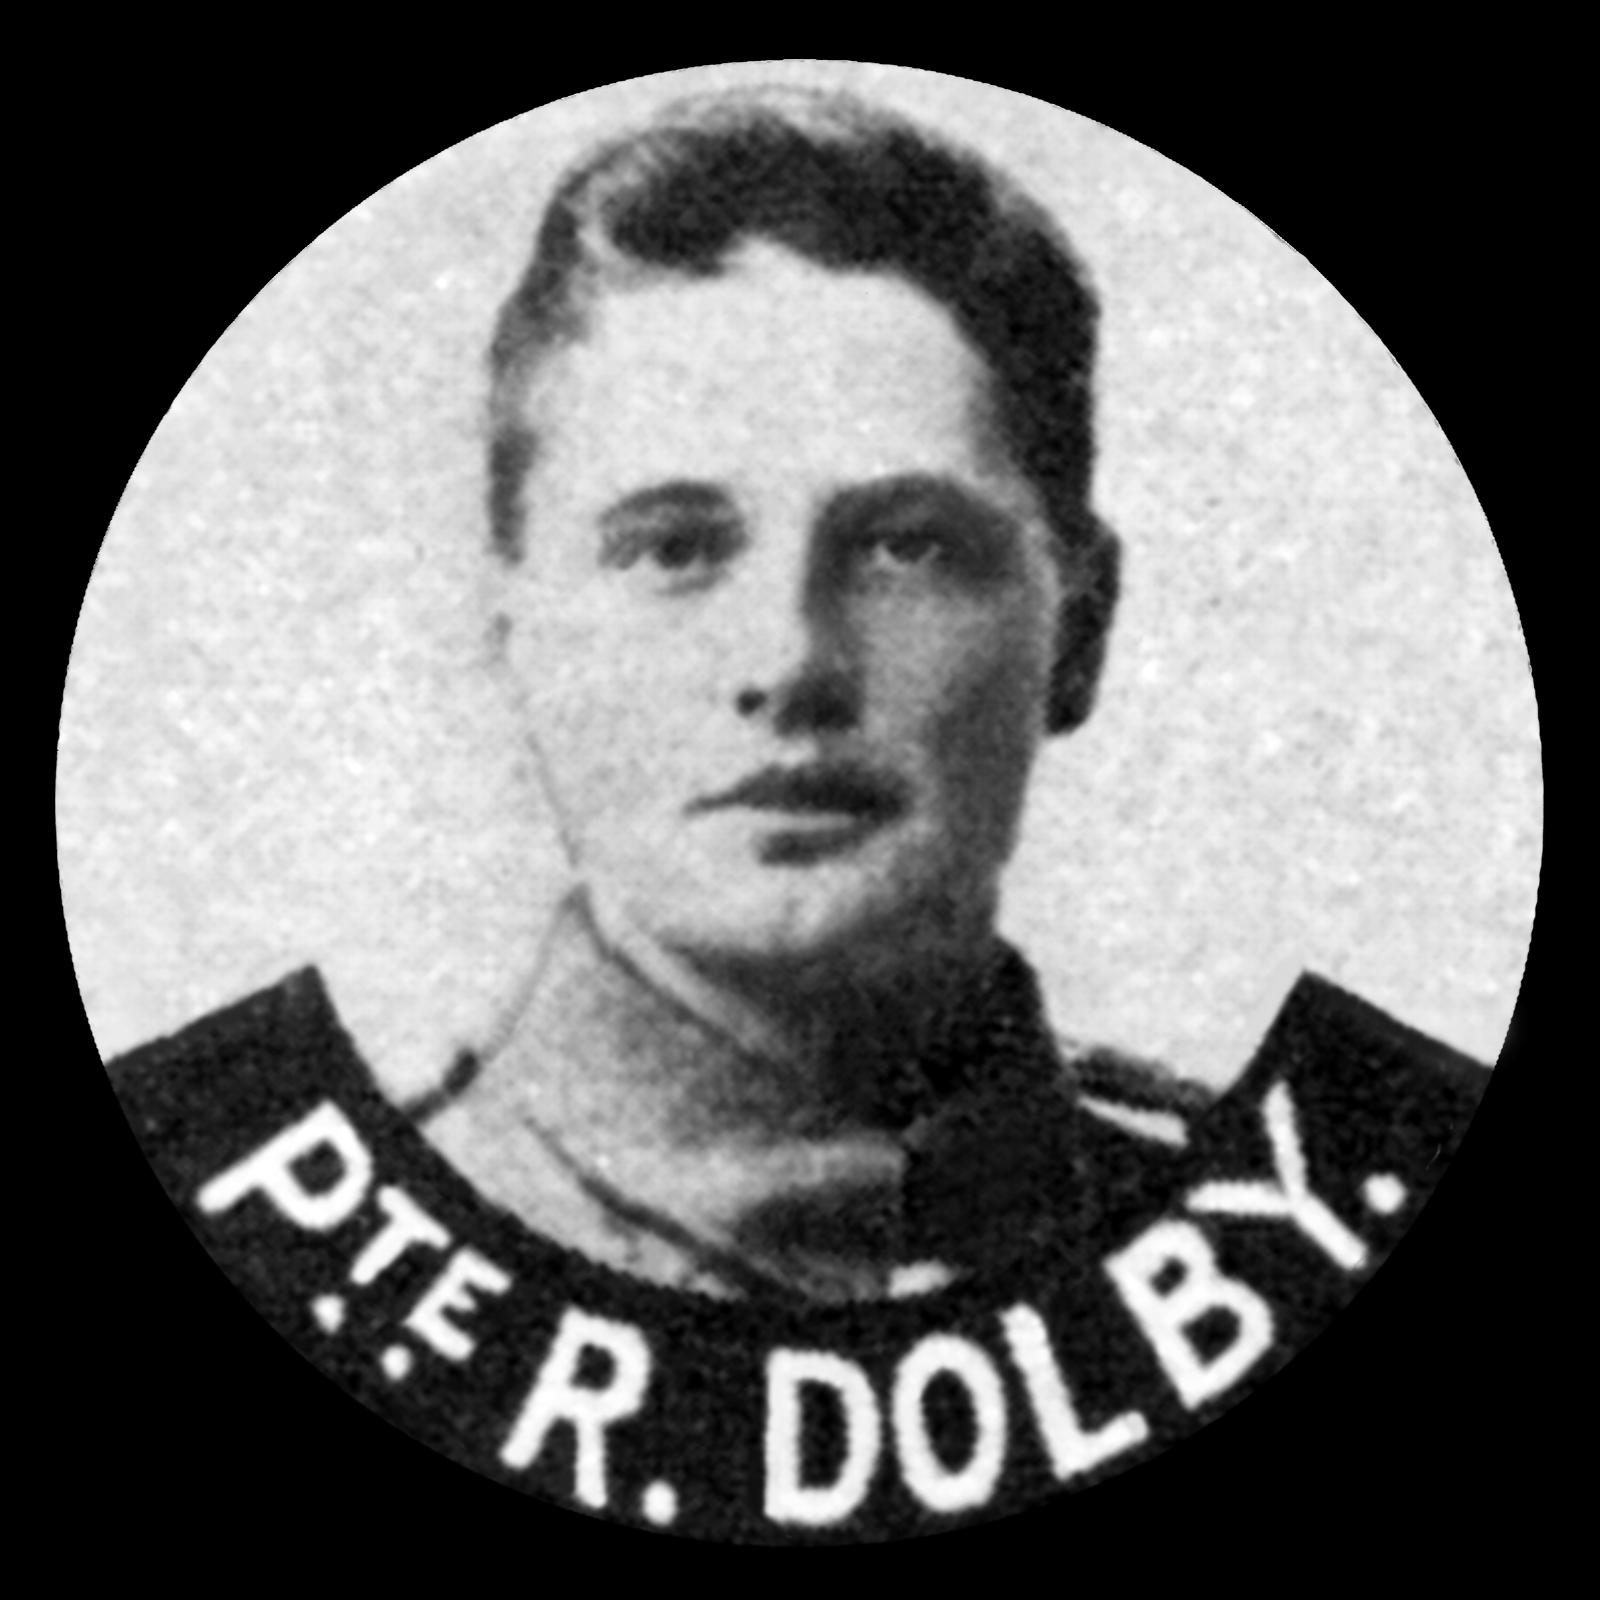 DOLBY Reuben